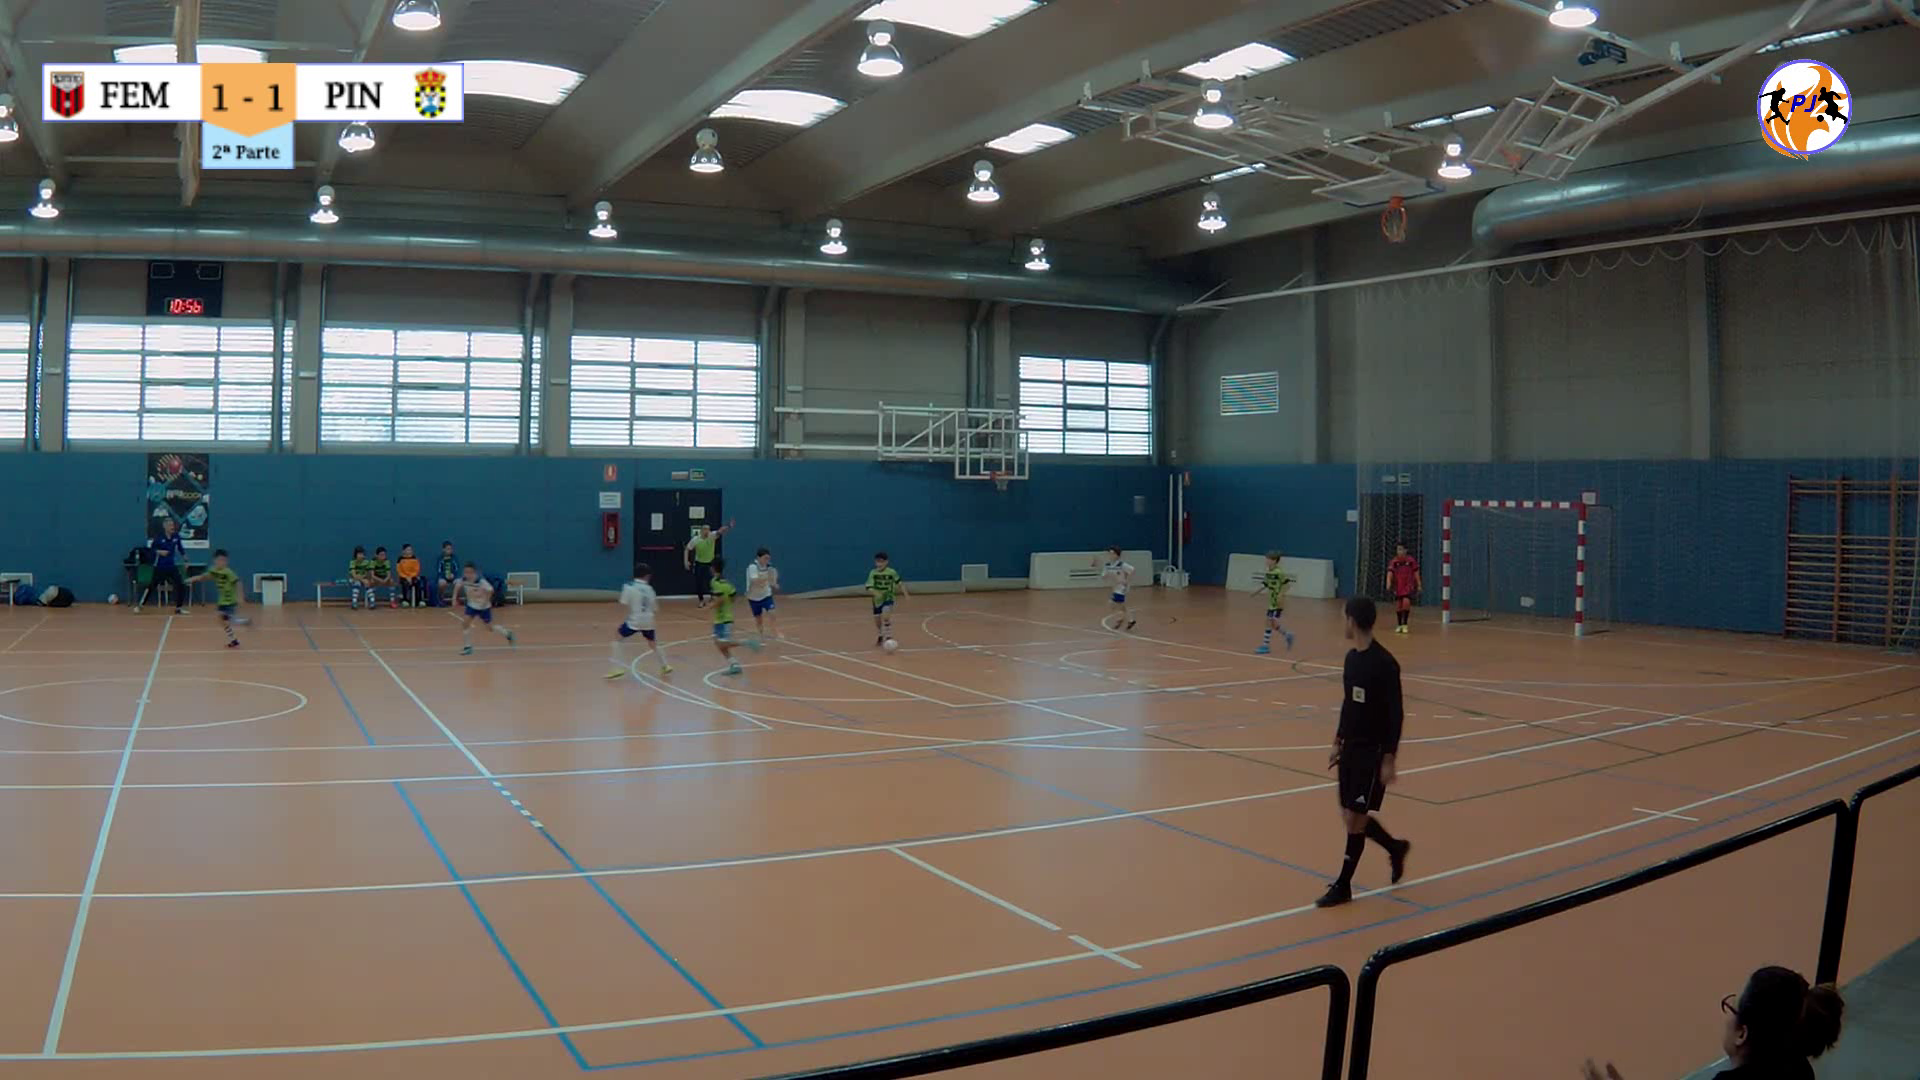 Futbol Emotion Sala 10 vs CD Pinseque 2-2  J12  Superliga Alevín Portero Jugador